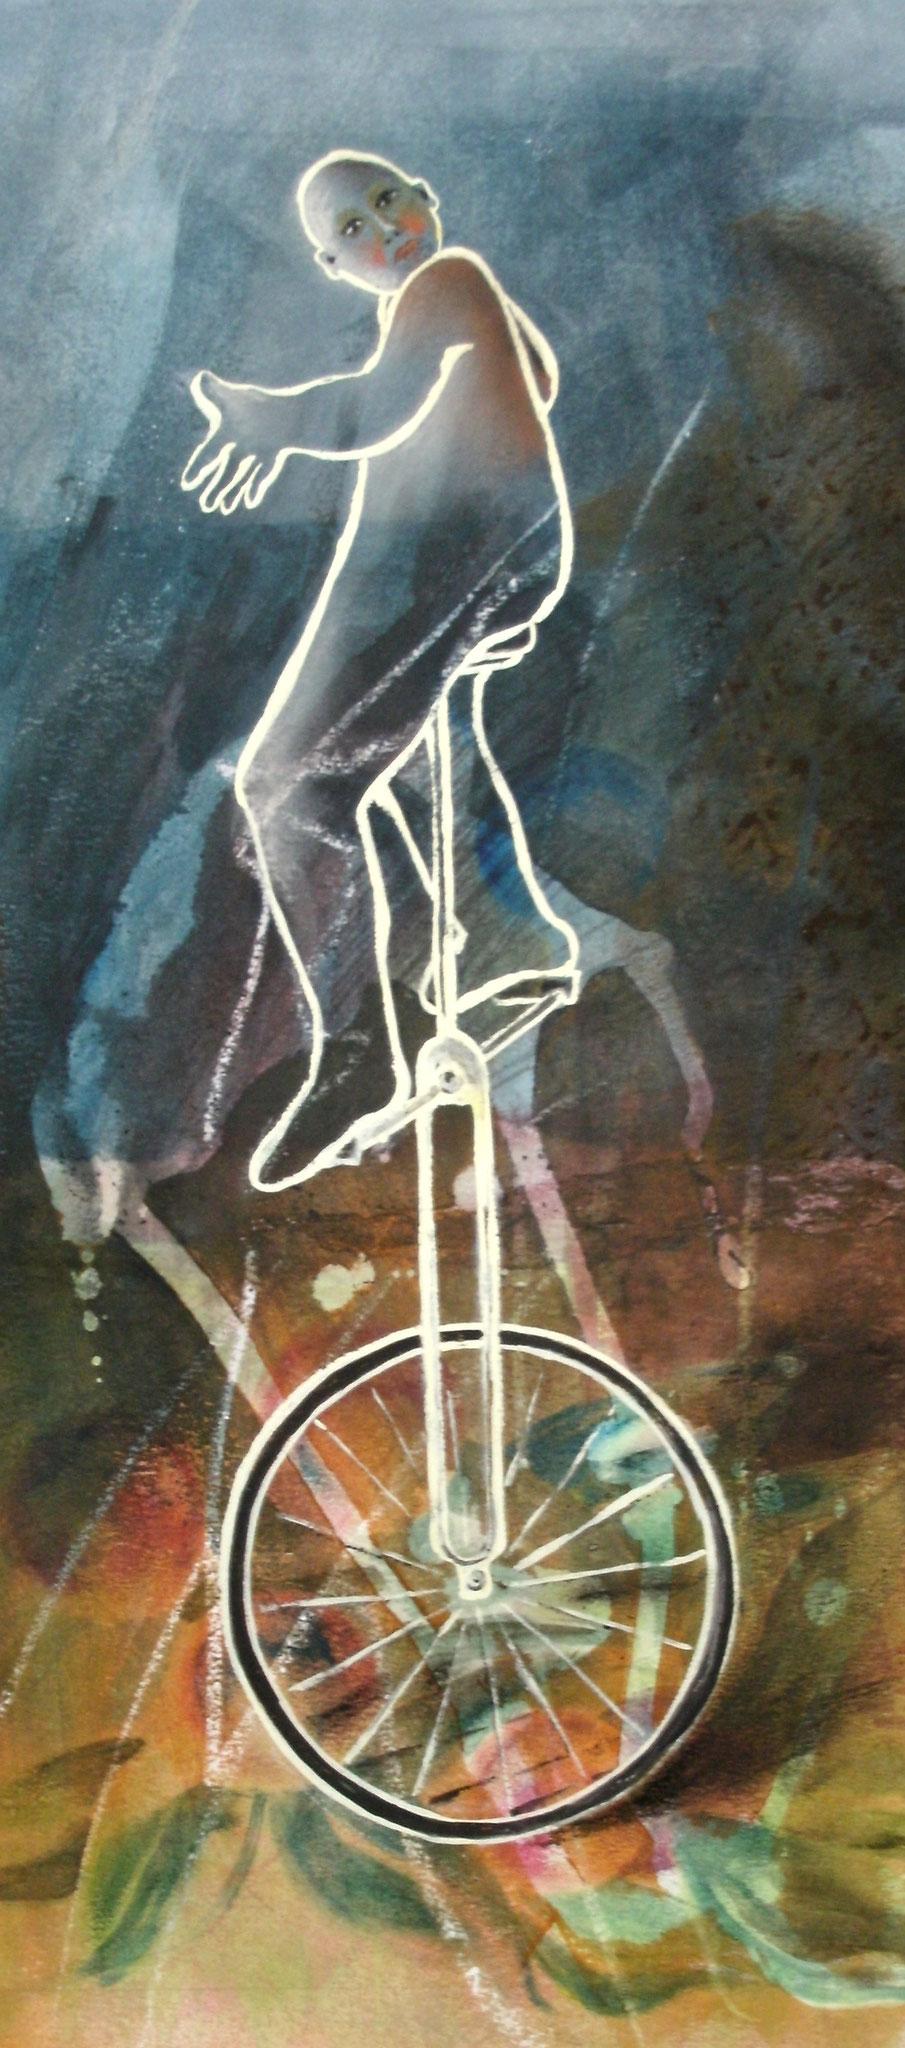 ROULE LA ROUE, aquarelle sur papier